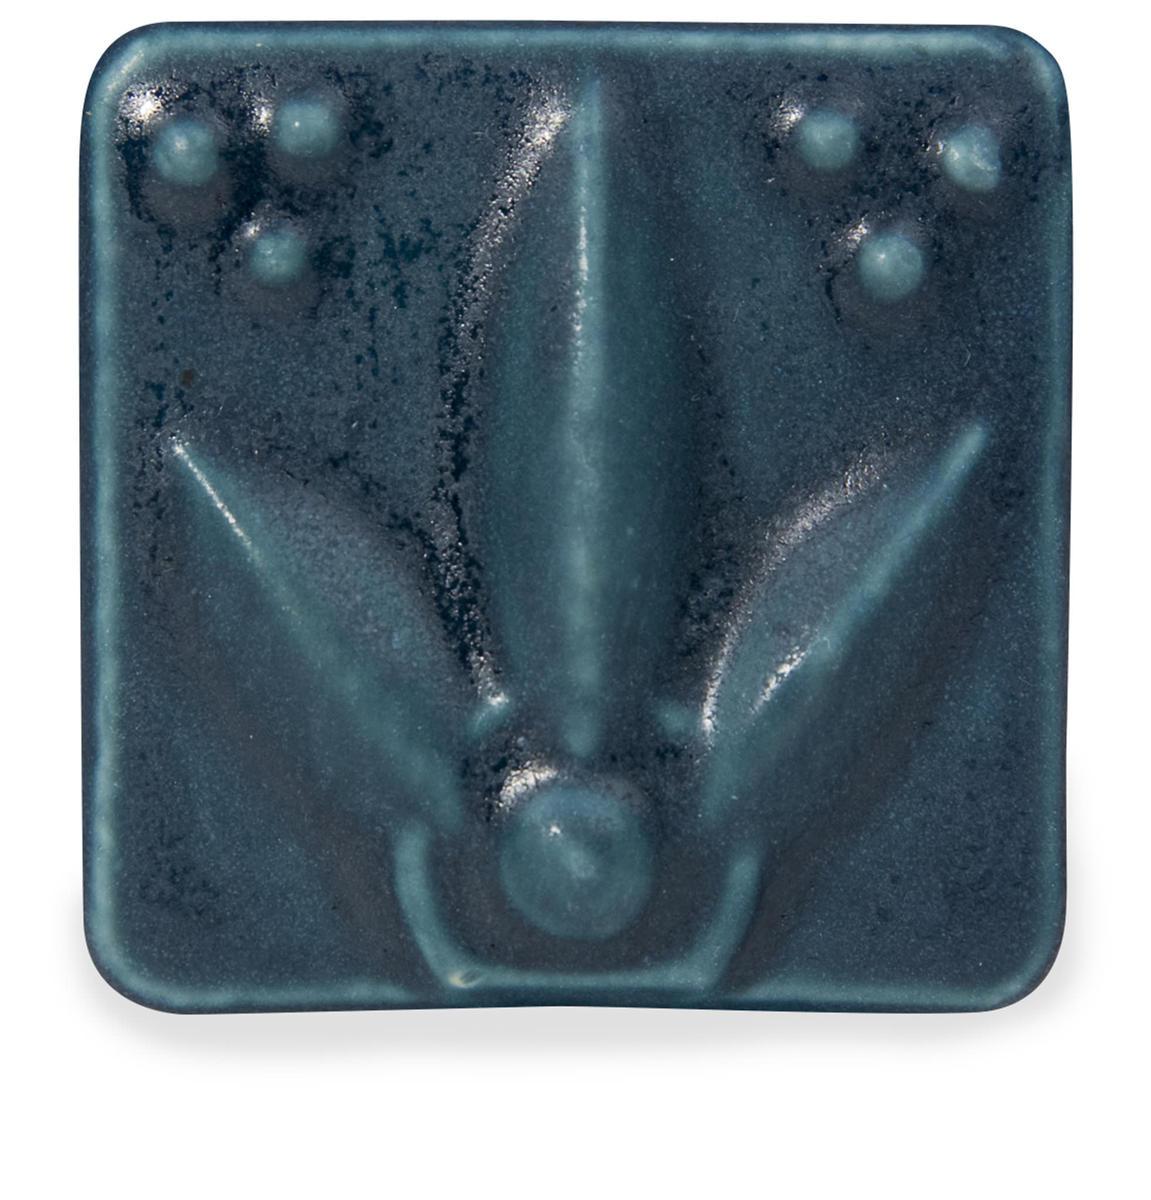 venta de esmalte para cerámica amaco satin matte-SM-29 blue green alta temperatura